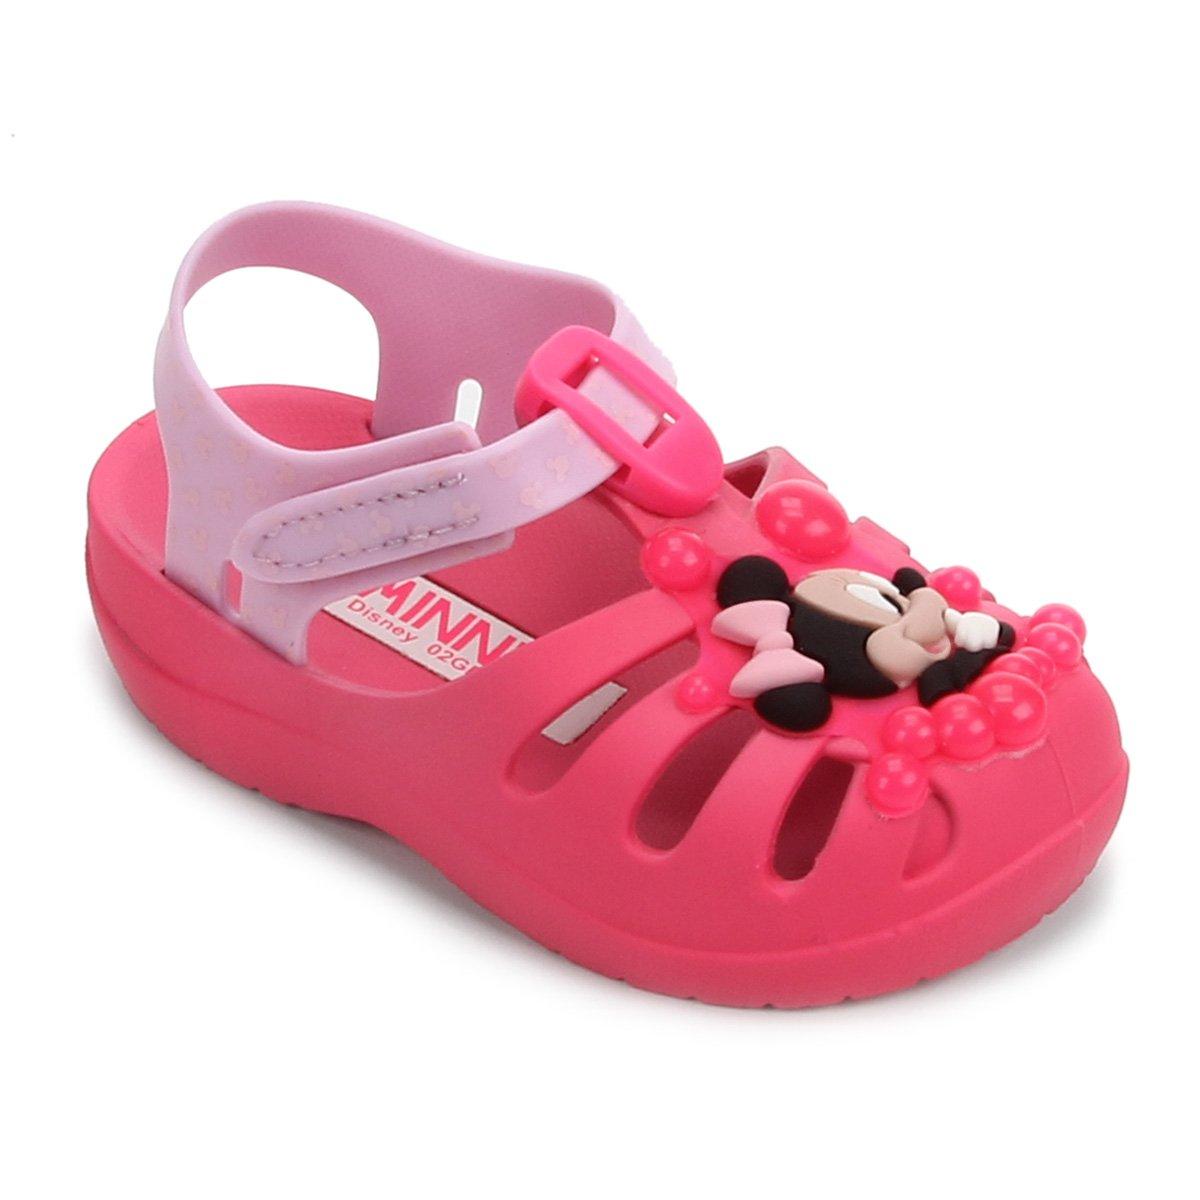 Sandália Infantil Grendene Kids Disney Minnie Sunny Day